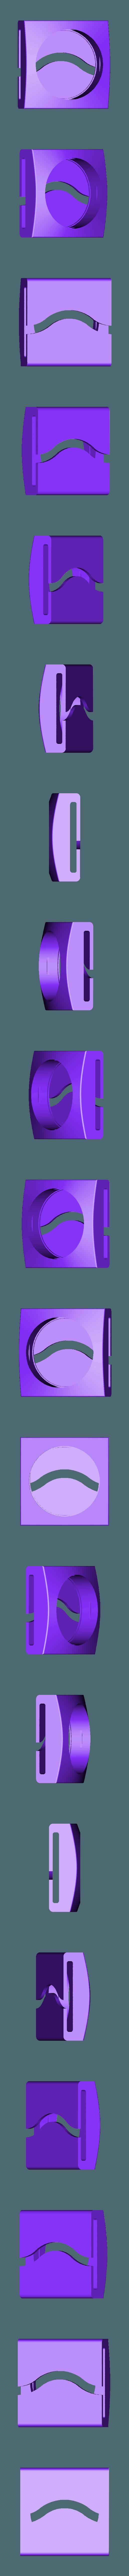 20mm_Compass_Webbing_v1-2_SLOT.STL Télécharger fichier STL gratuit Sangle Compass • Modèle pour impression 3D, WalterHsiao